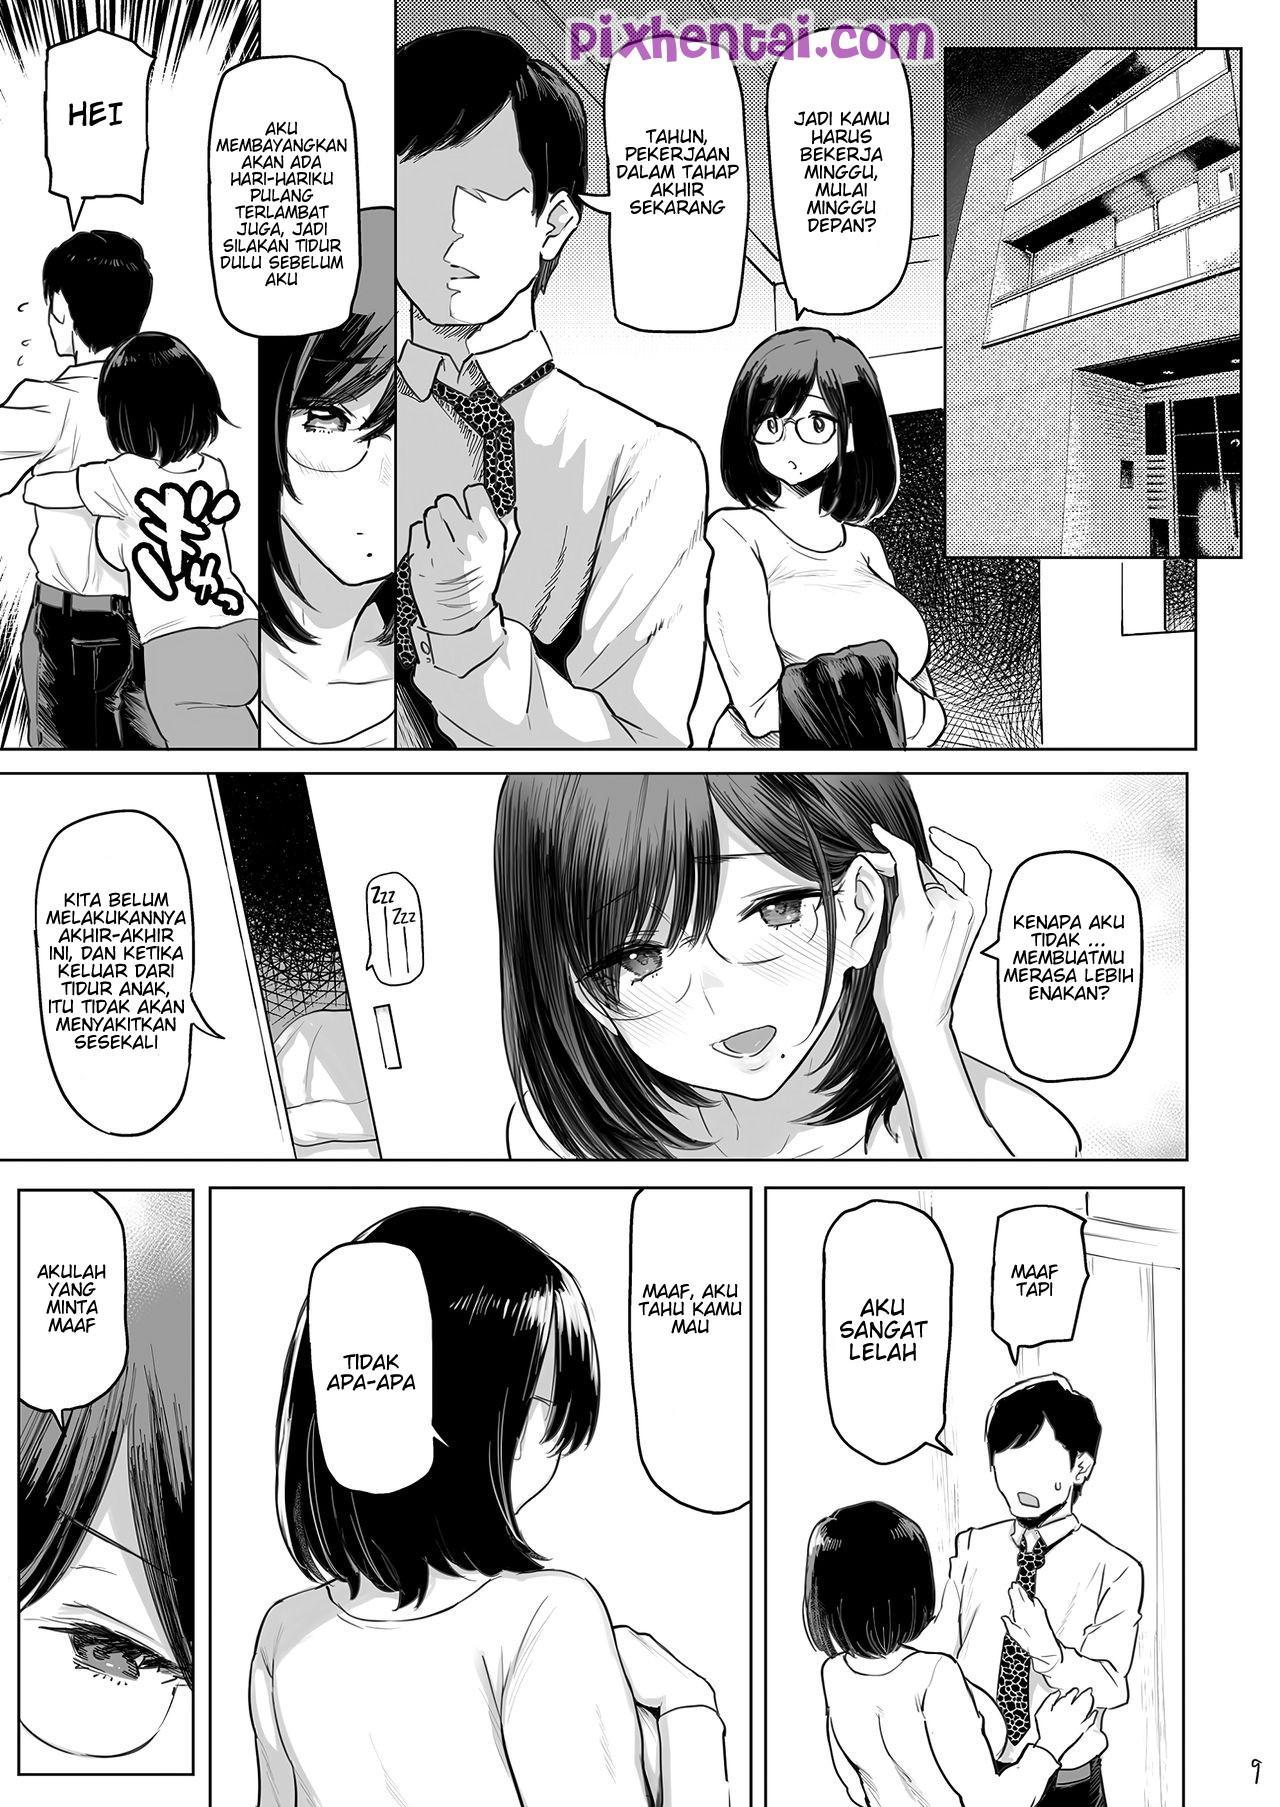 Komik hentai xxx manga sex bokep menghamili wanita bersuami dari guild member game 10